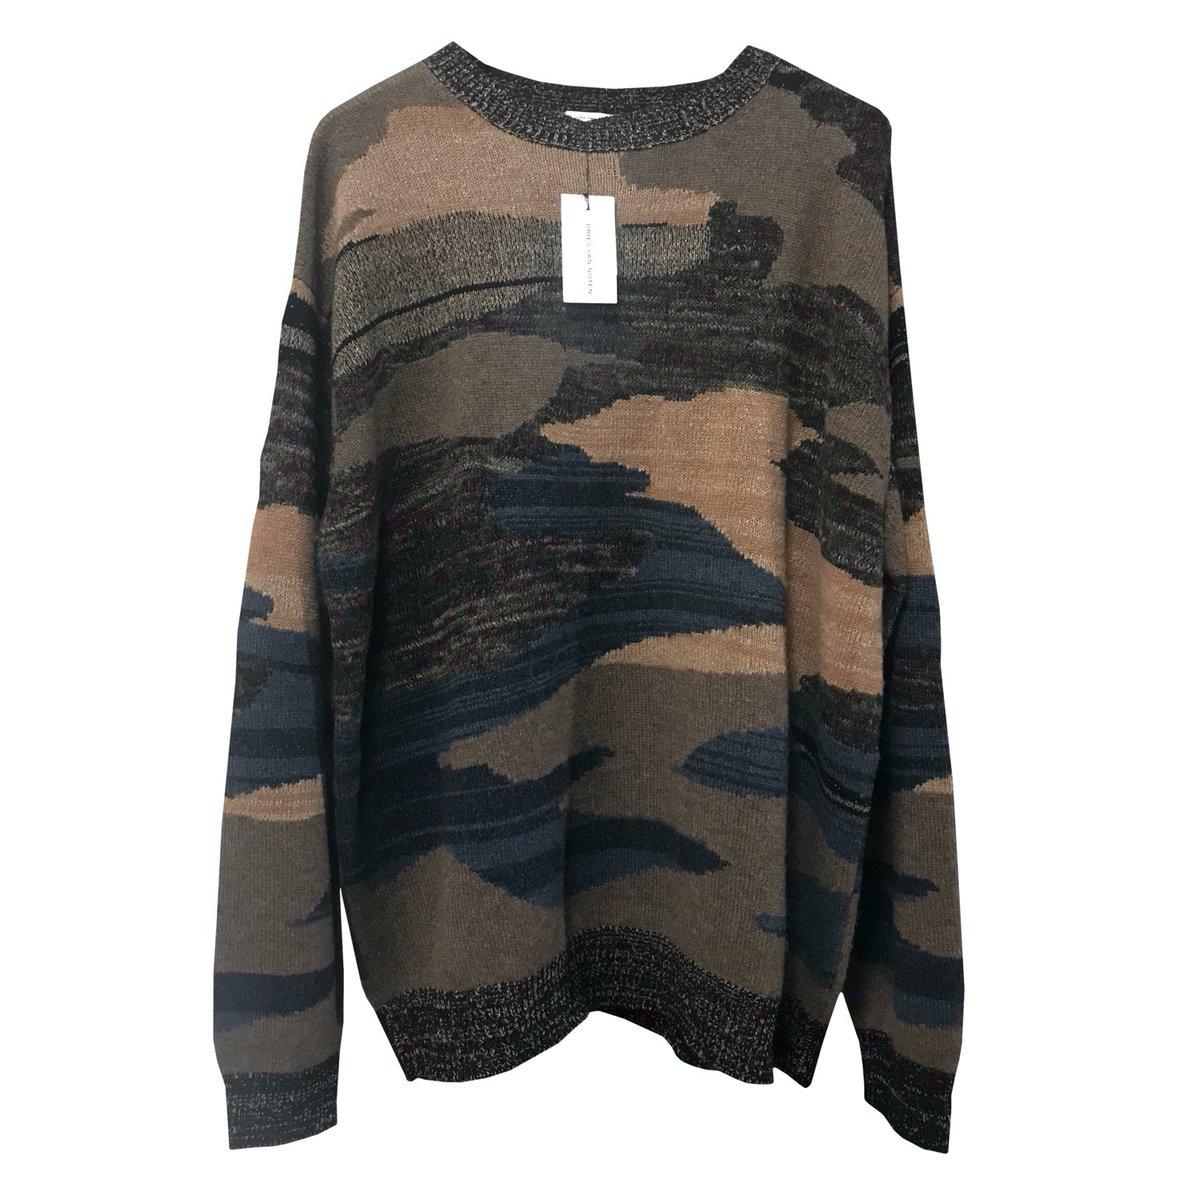 Dries Van Noten Napel Camo Cashmere Sweater.jpg